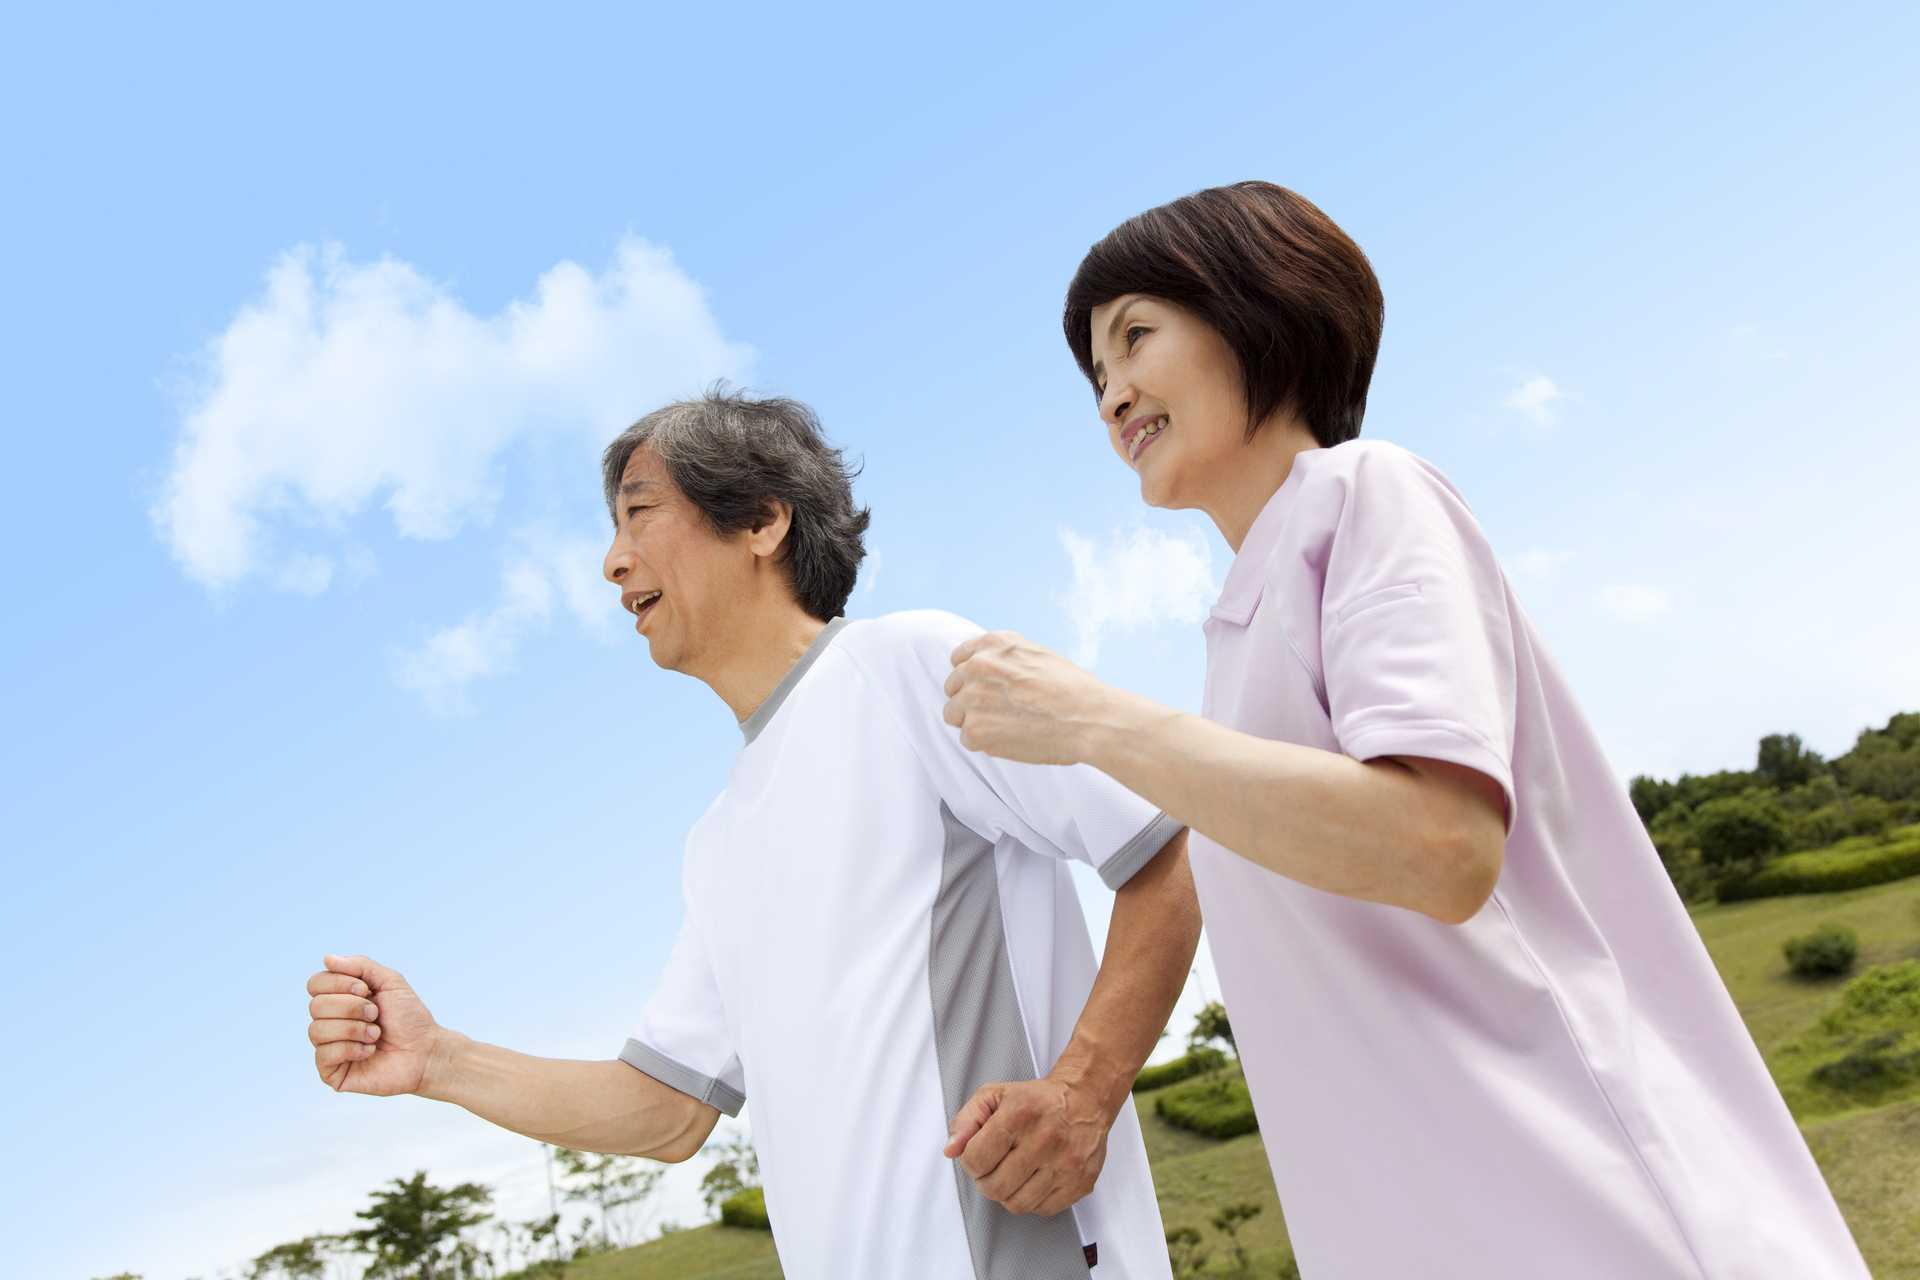 ウォーキングの目標は「1日単位」より「1週間単位」のほうがうまくいく。 | 健康のためになる30の散歩術